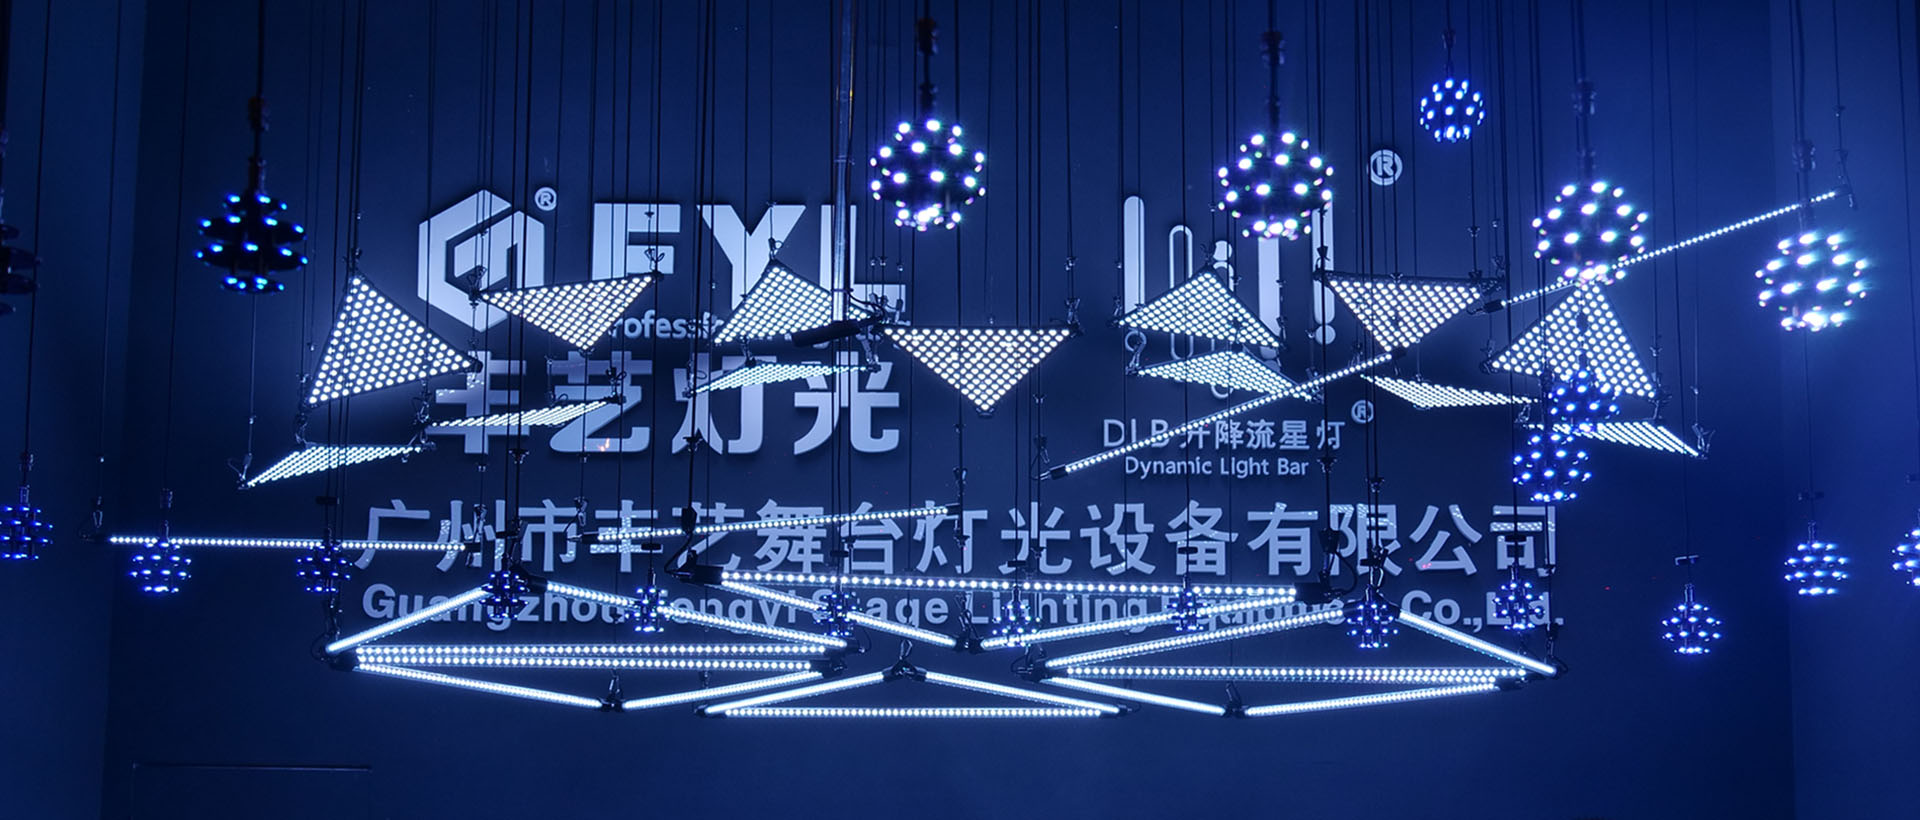 2020 Guangzhou Prolight & Sound Exhibition